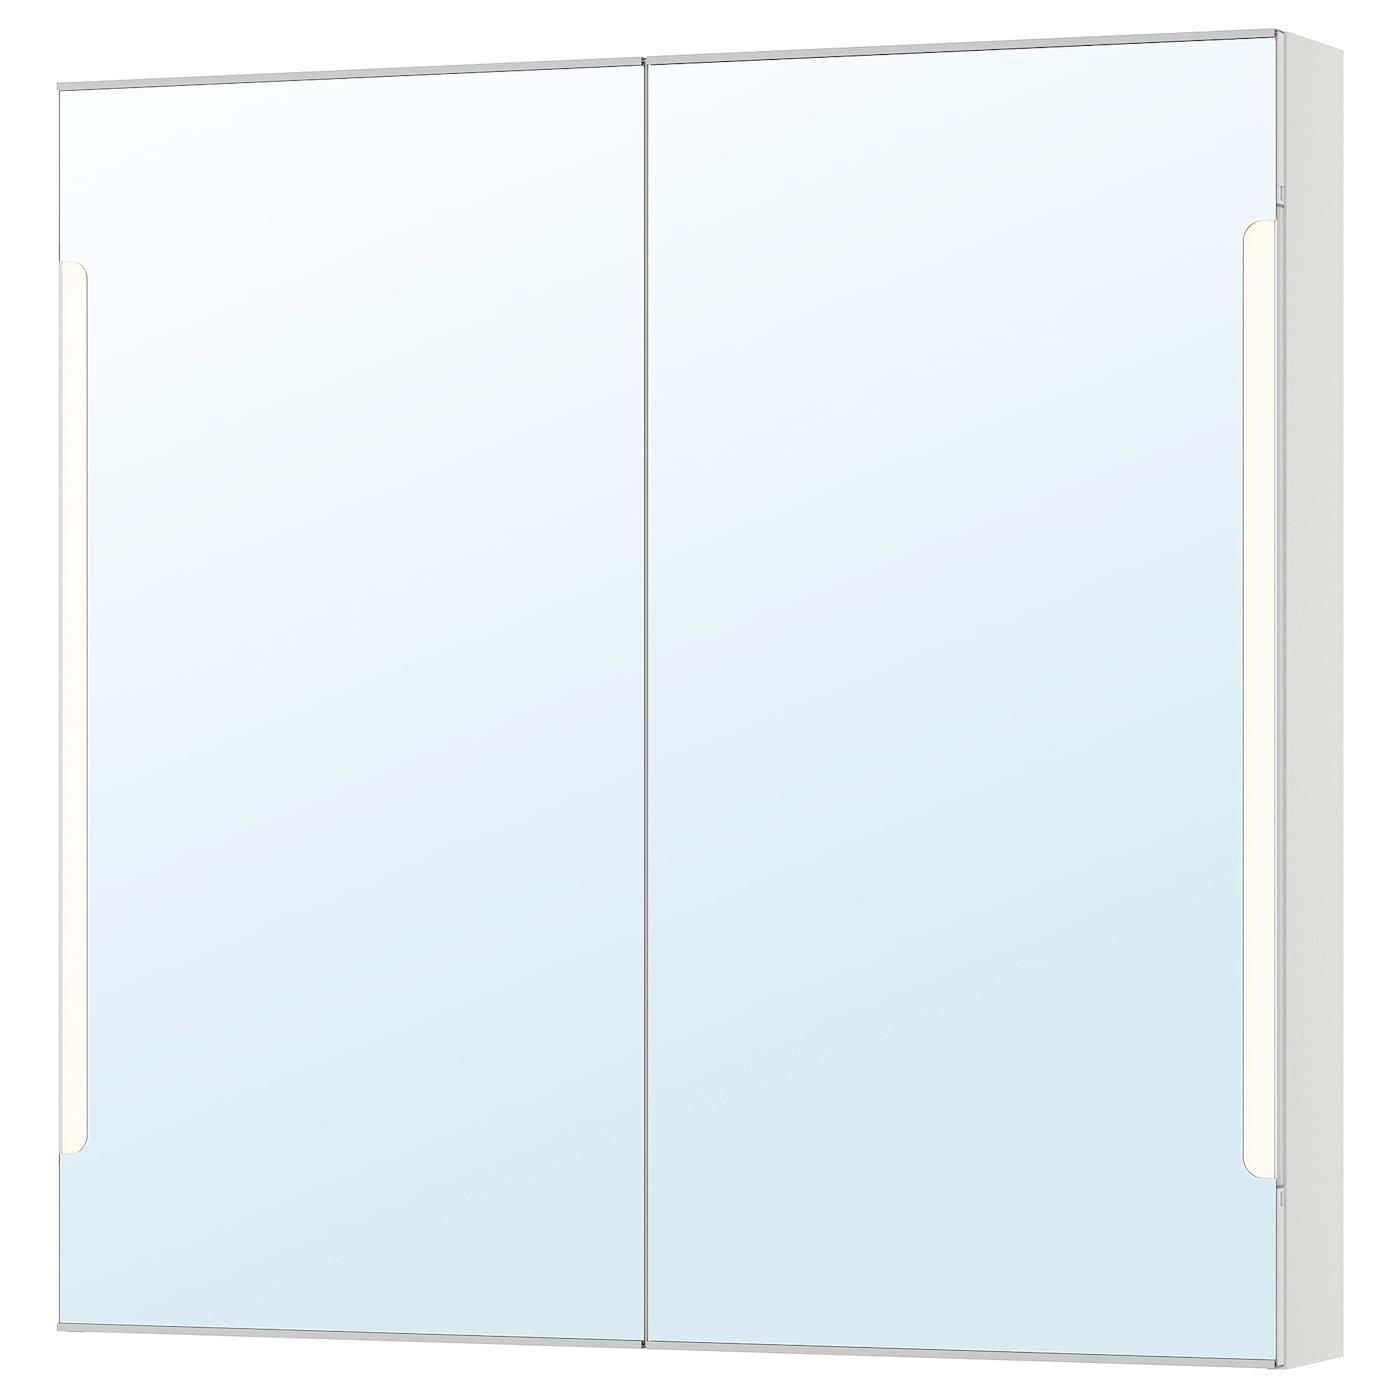 STORJORM Spegelskåp 2 dörrinbyggd belysning vit 100x14x96 cm